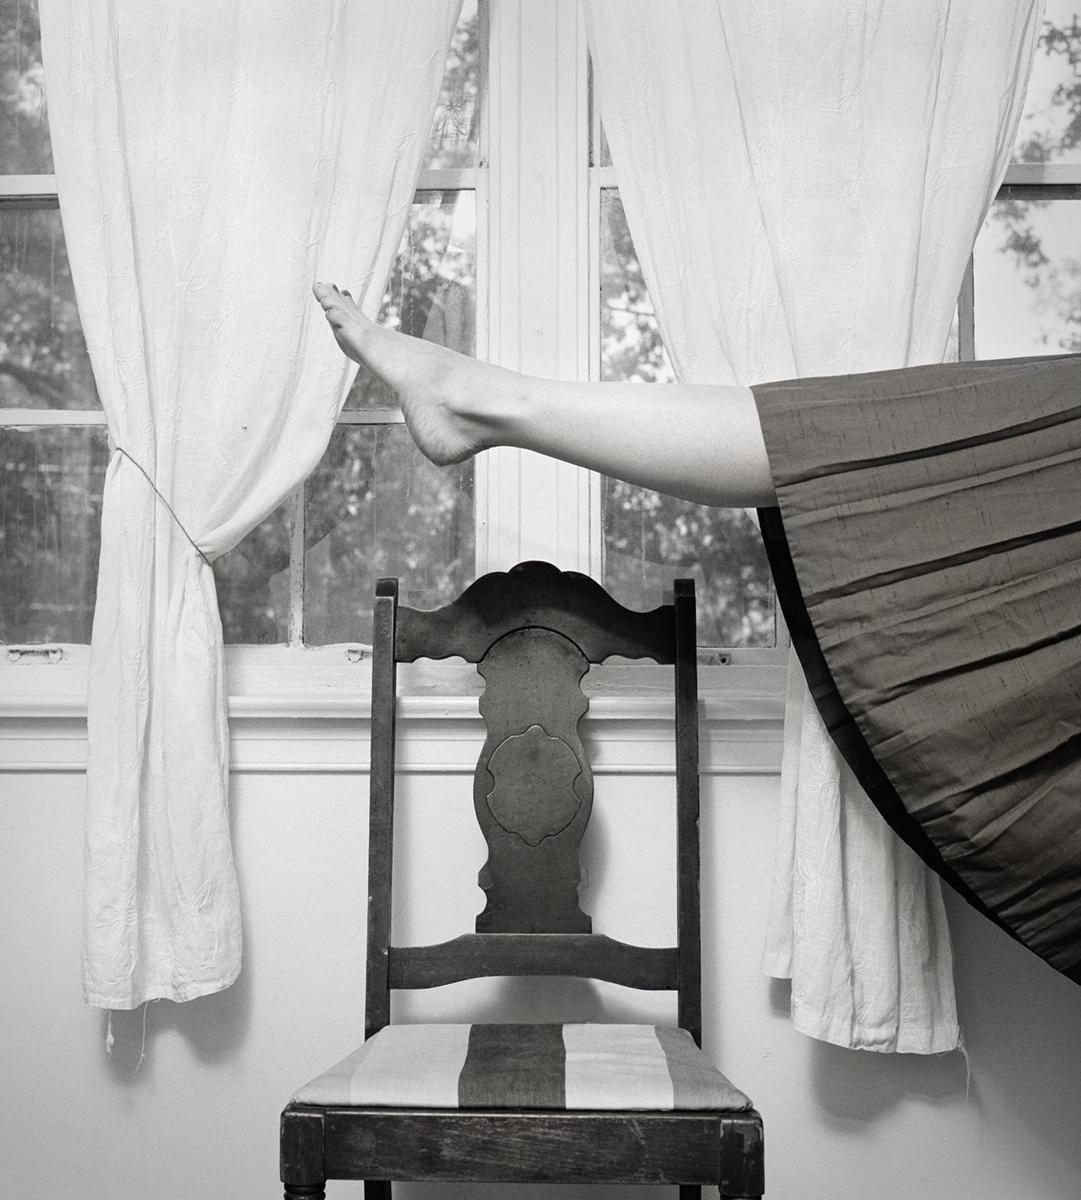 Rebecca Drolen, A Lift of Spirits, 2011